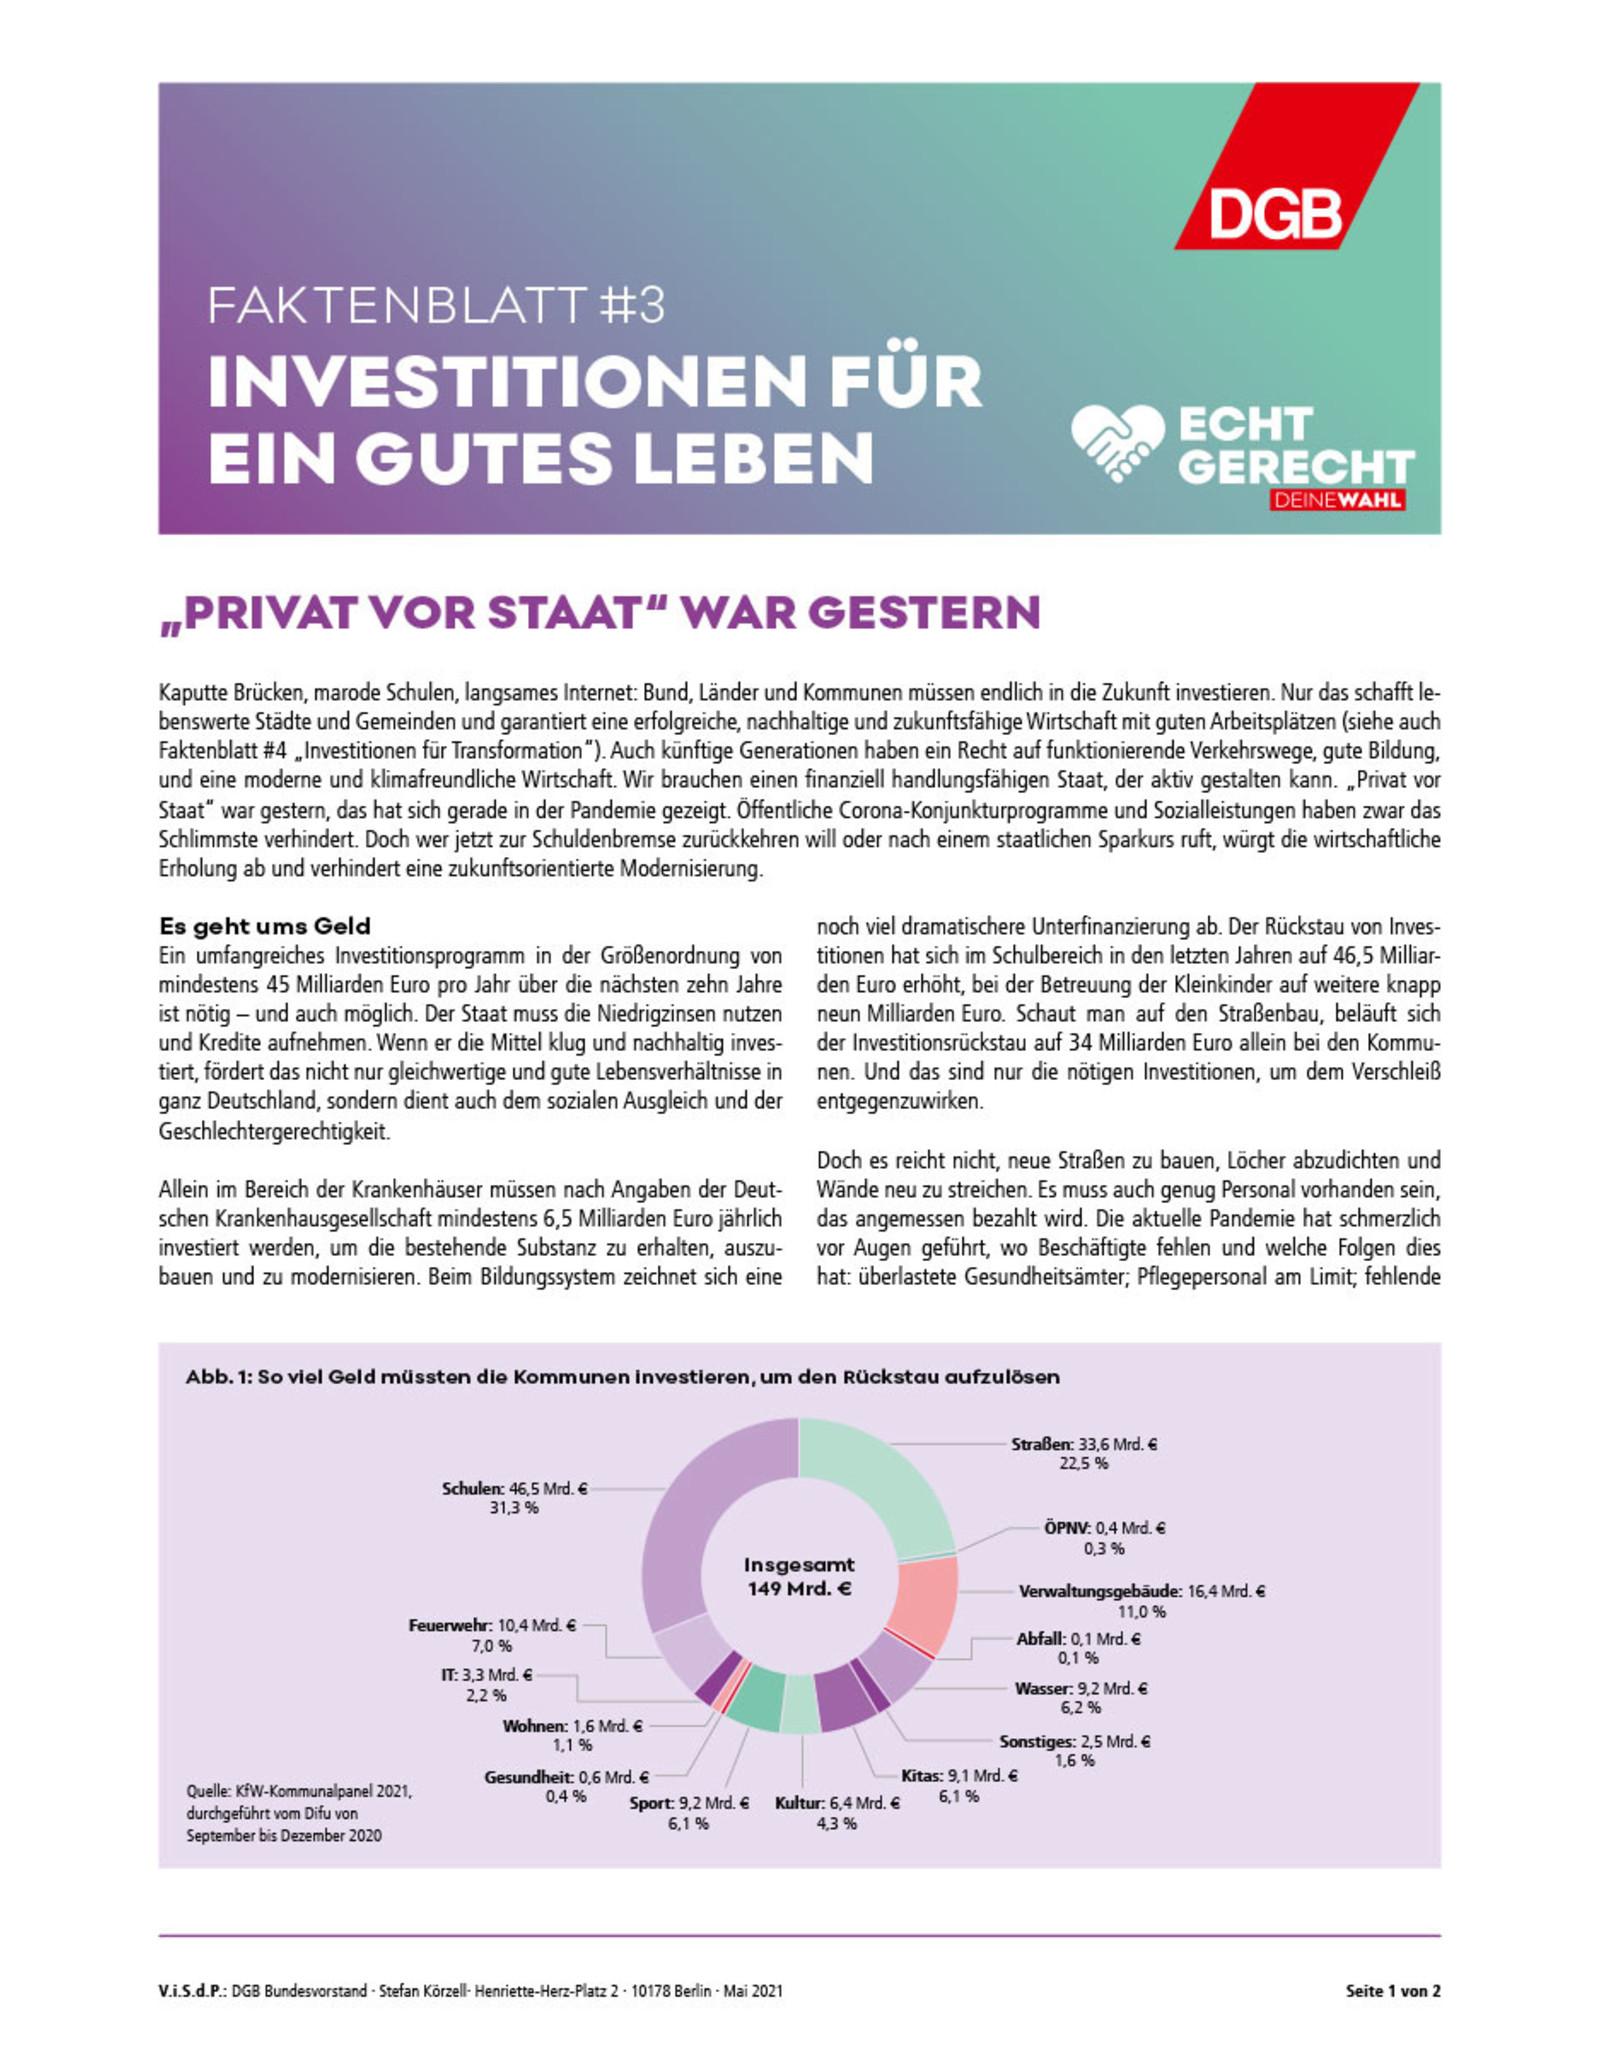 """Faktenblatt #3 Investitionen für ein gutes Leben zur Bundestagswahl-Kampagne """"Echt gerecht"""" 2021"""